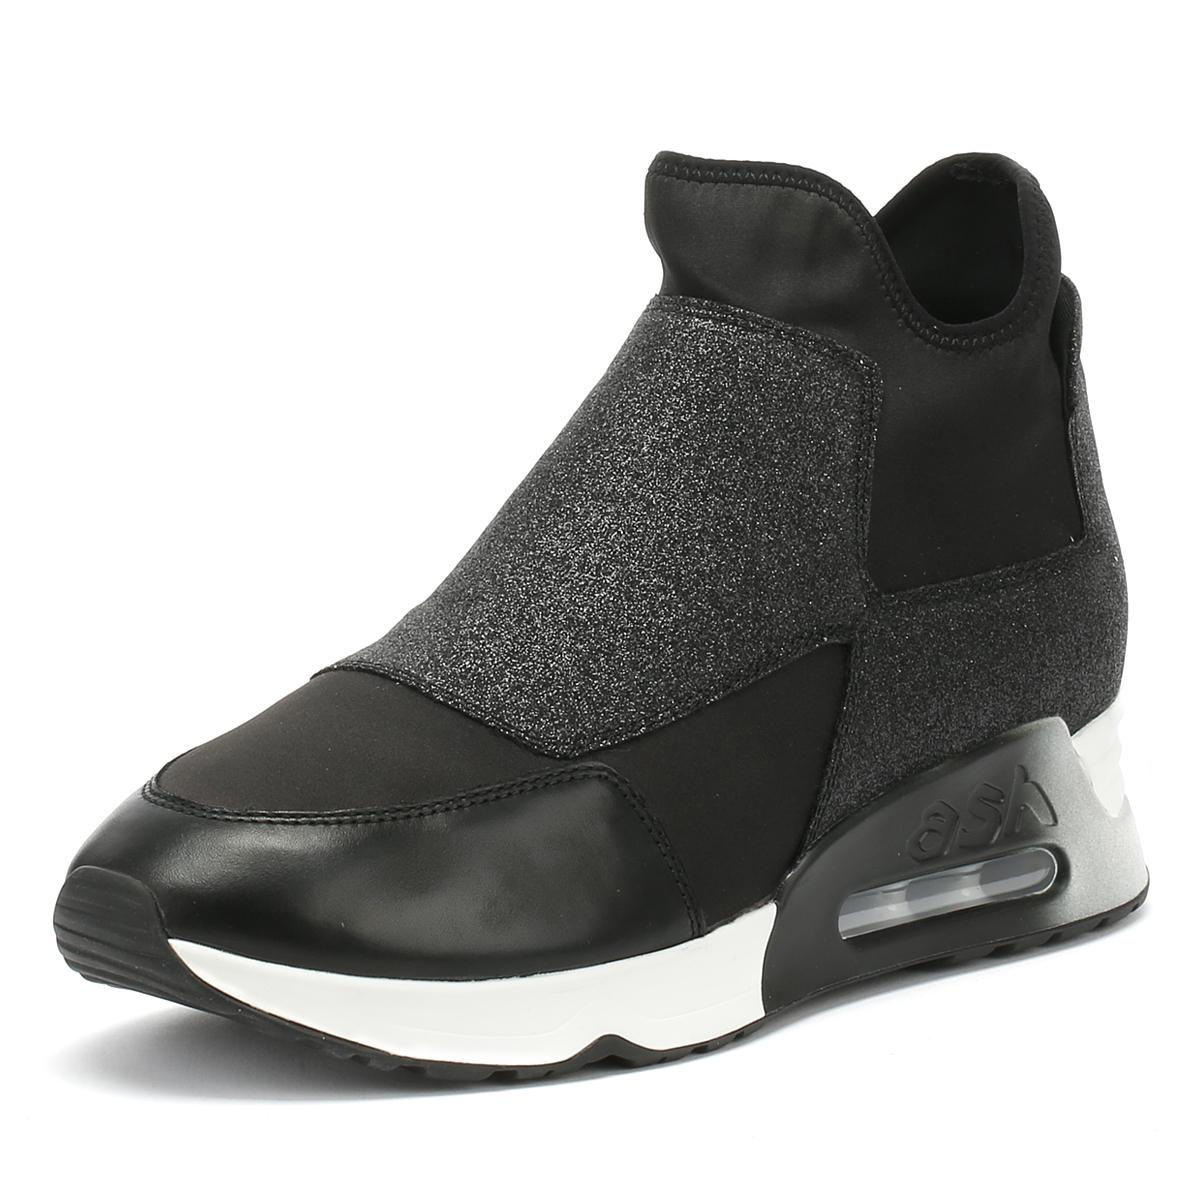 c2b7ff83de5d00 ... ash ash ash wo formateurs occasionnels Noir lazer glitz glisse sur les  chaussures de sport ...